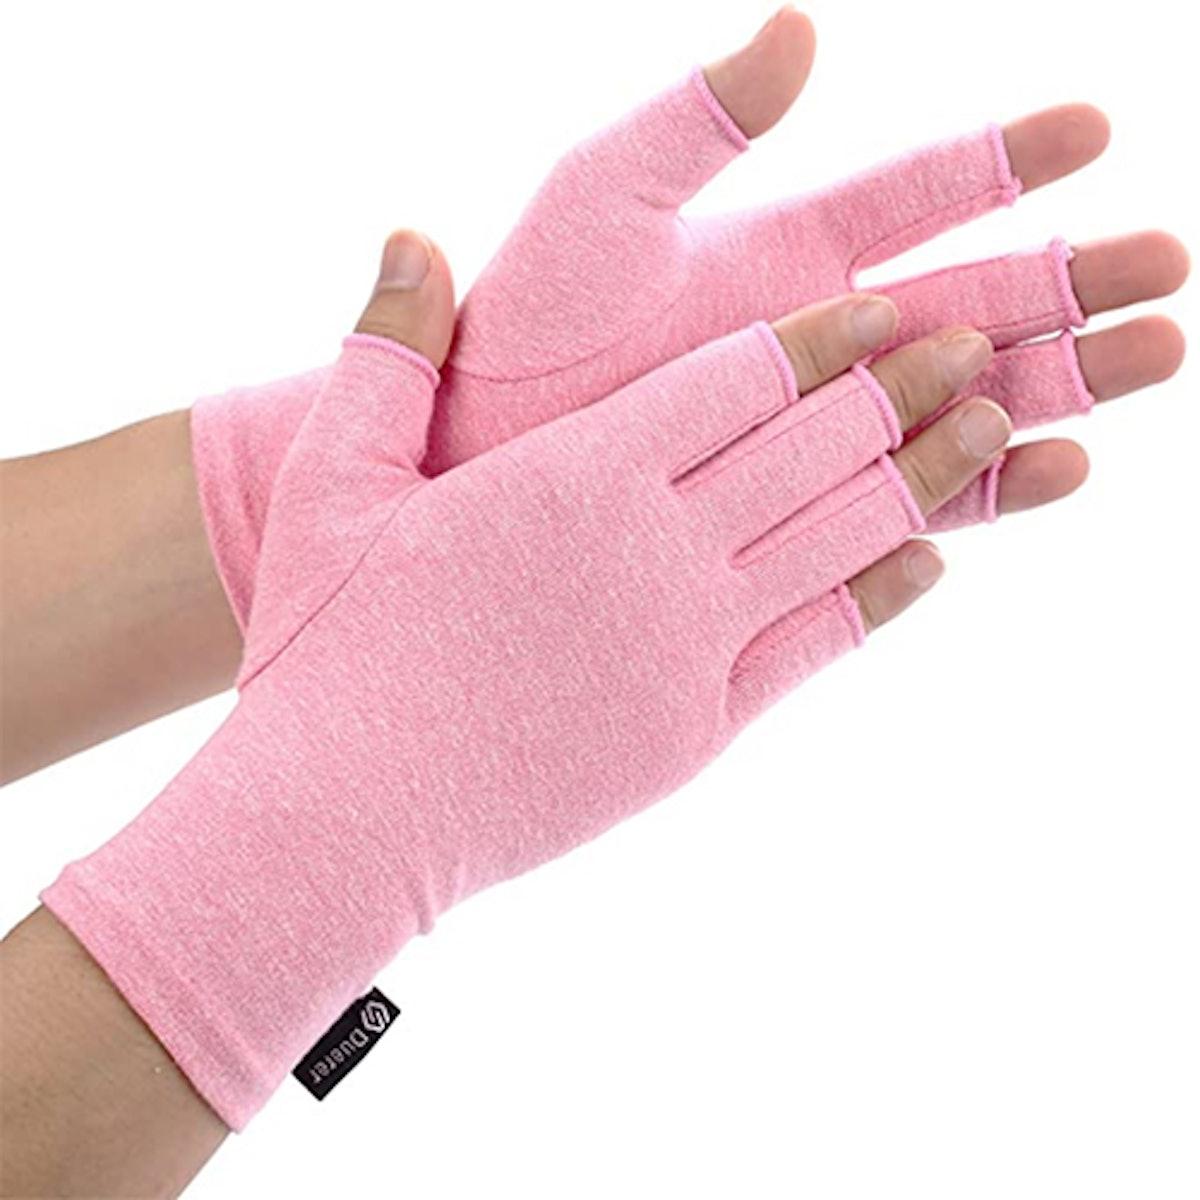 Duerer Arthritis Gloves